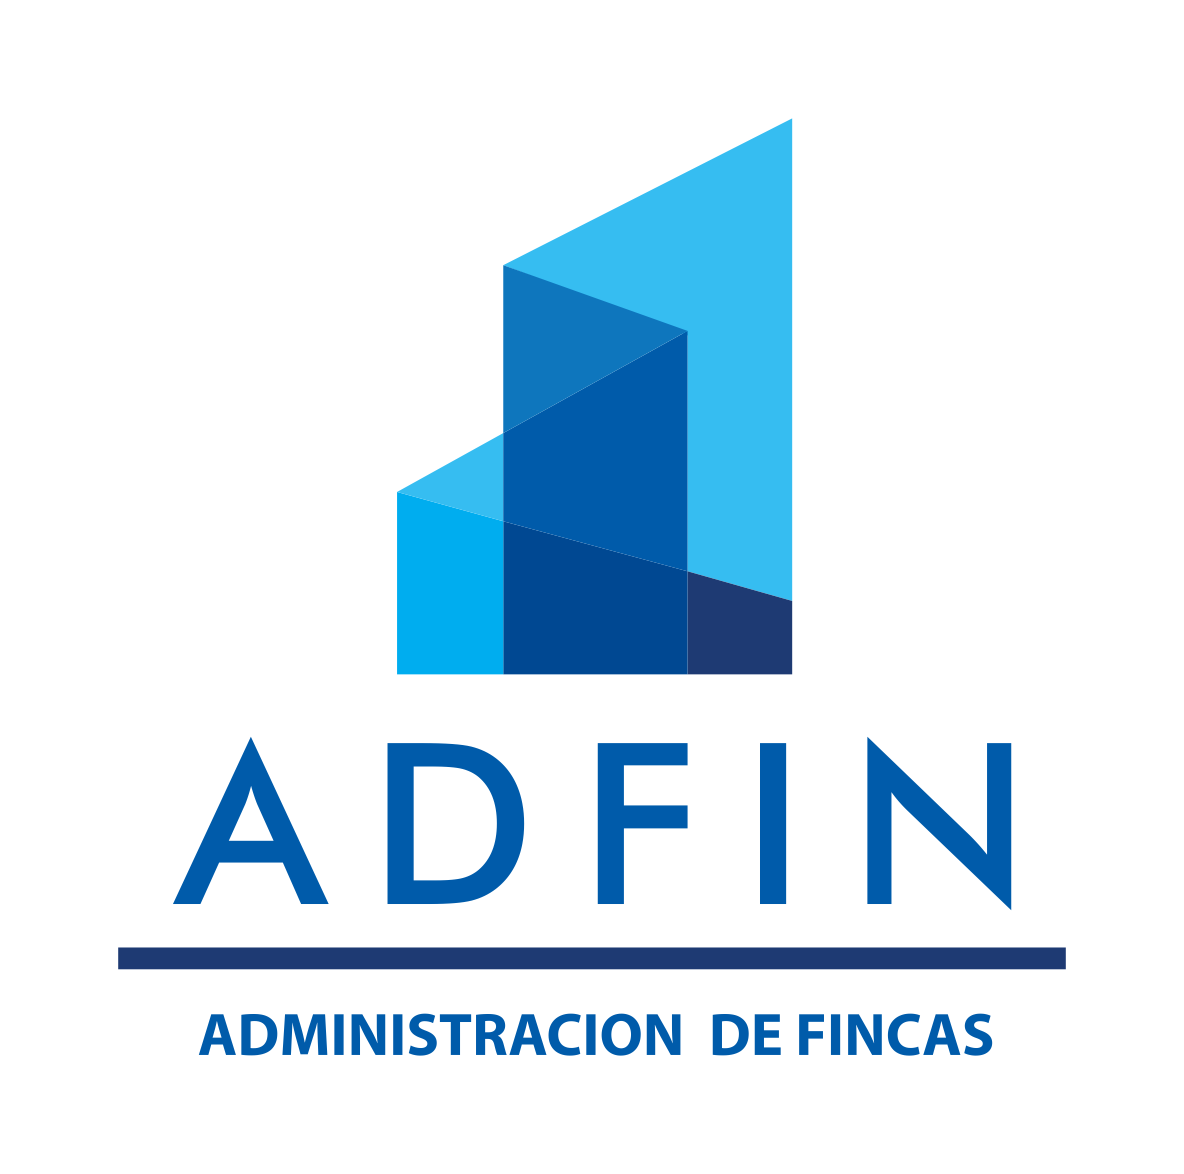 Adfin